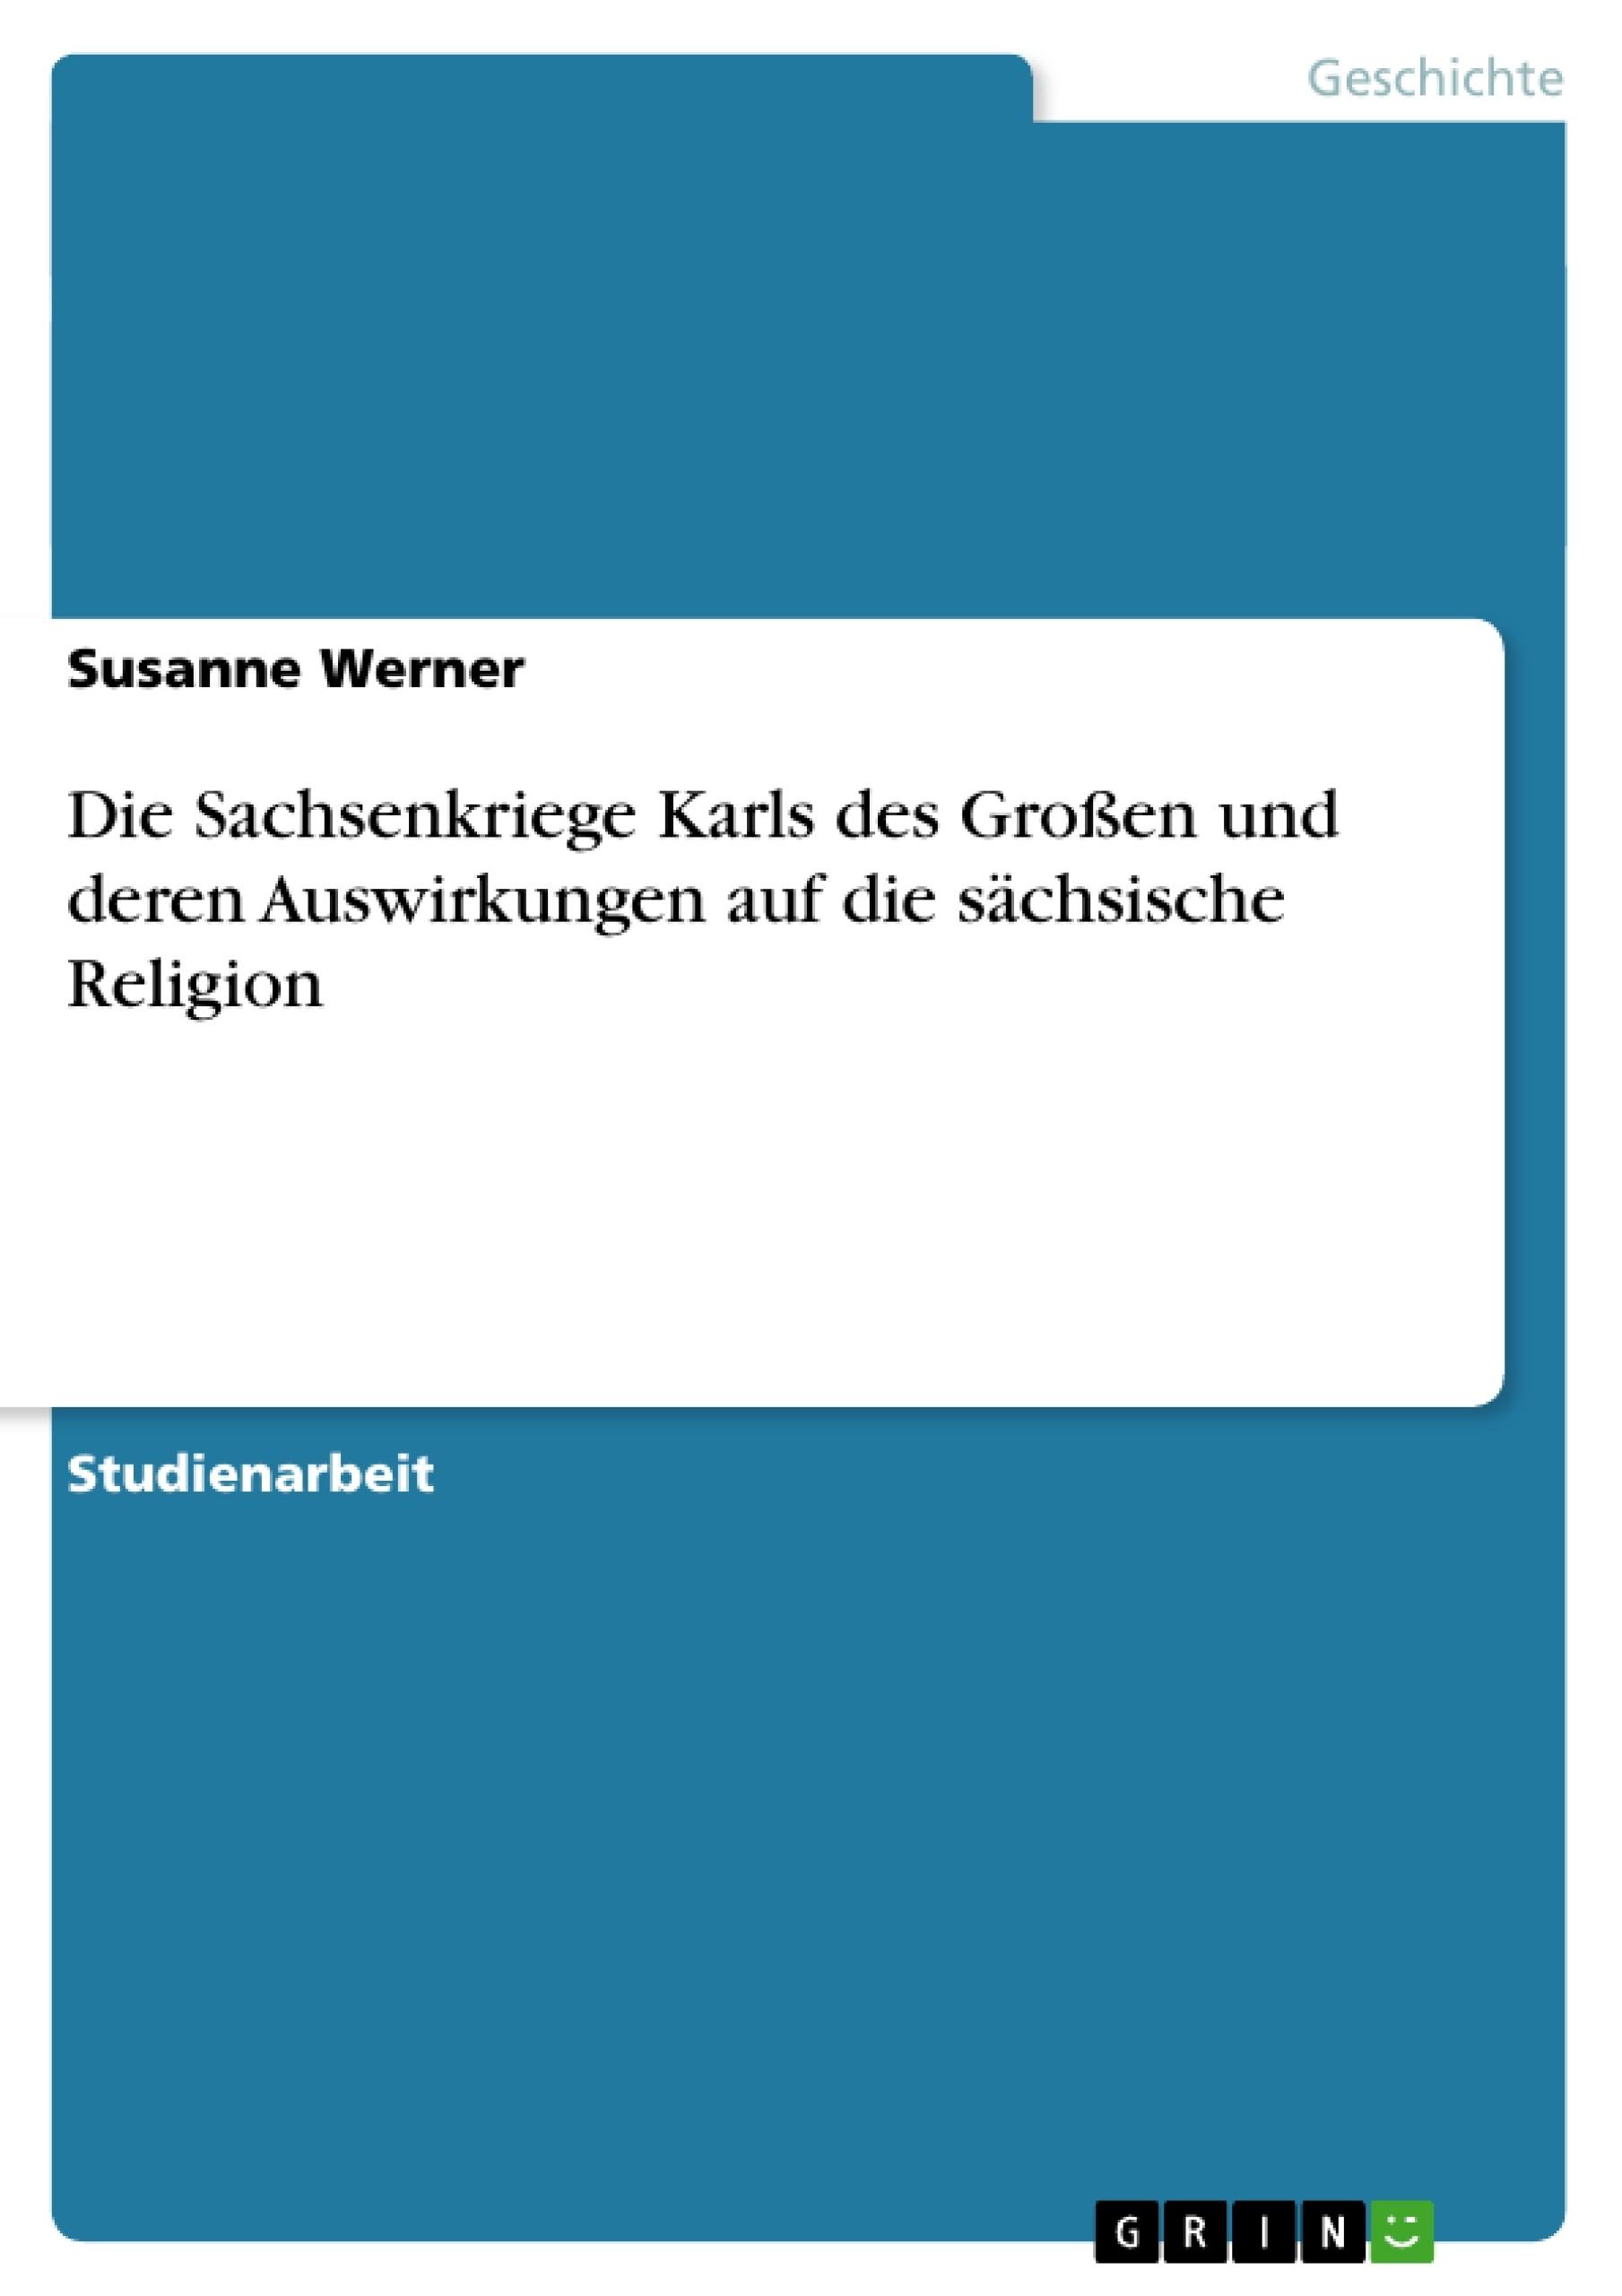 Titel: Die Sachsenkriege Karls des Großen und deren Auswirkungen auf die sächsische Religion